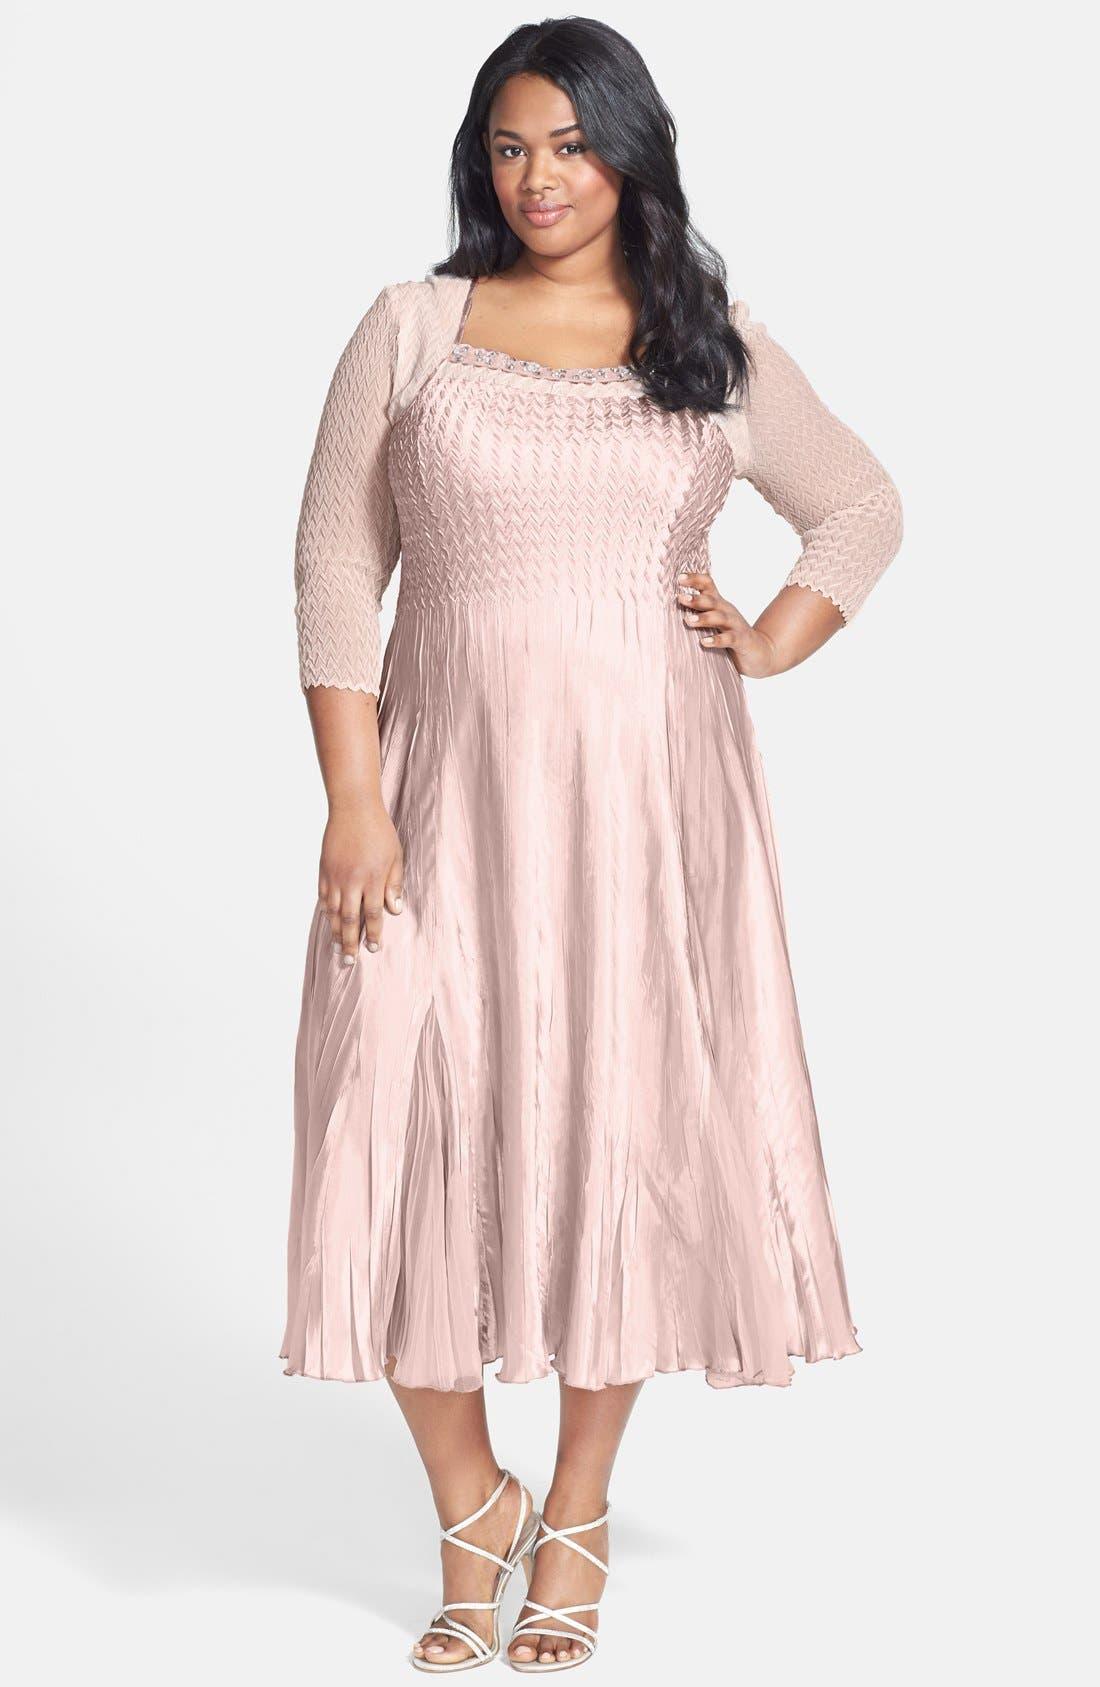 Alternate Image 1 Selected - Komarov Embellished Square Neck Chiffon & Charmeuse Dress (Plus Size)